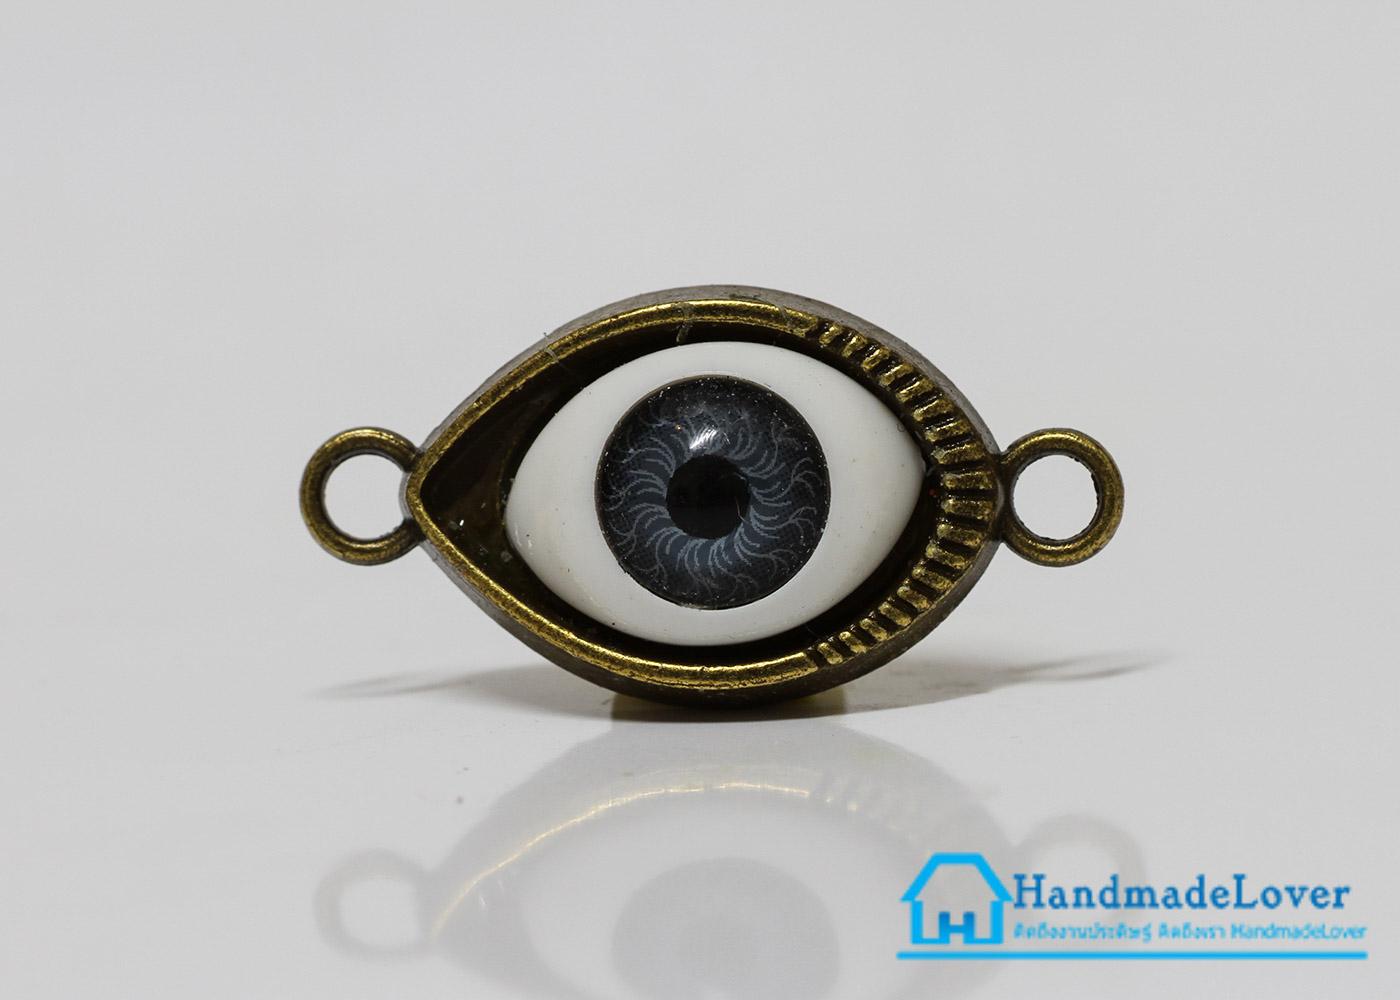 จี้โลหะ สีทองรมดำ รูปตา สีเทา (evil eye) [ใหม่]